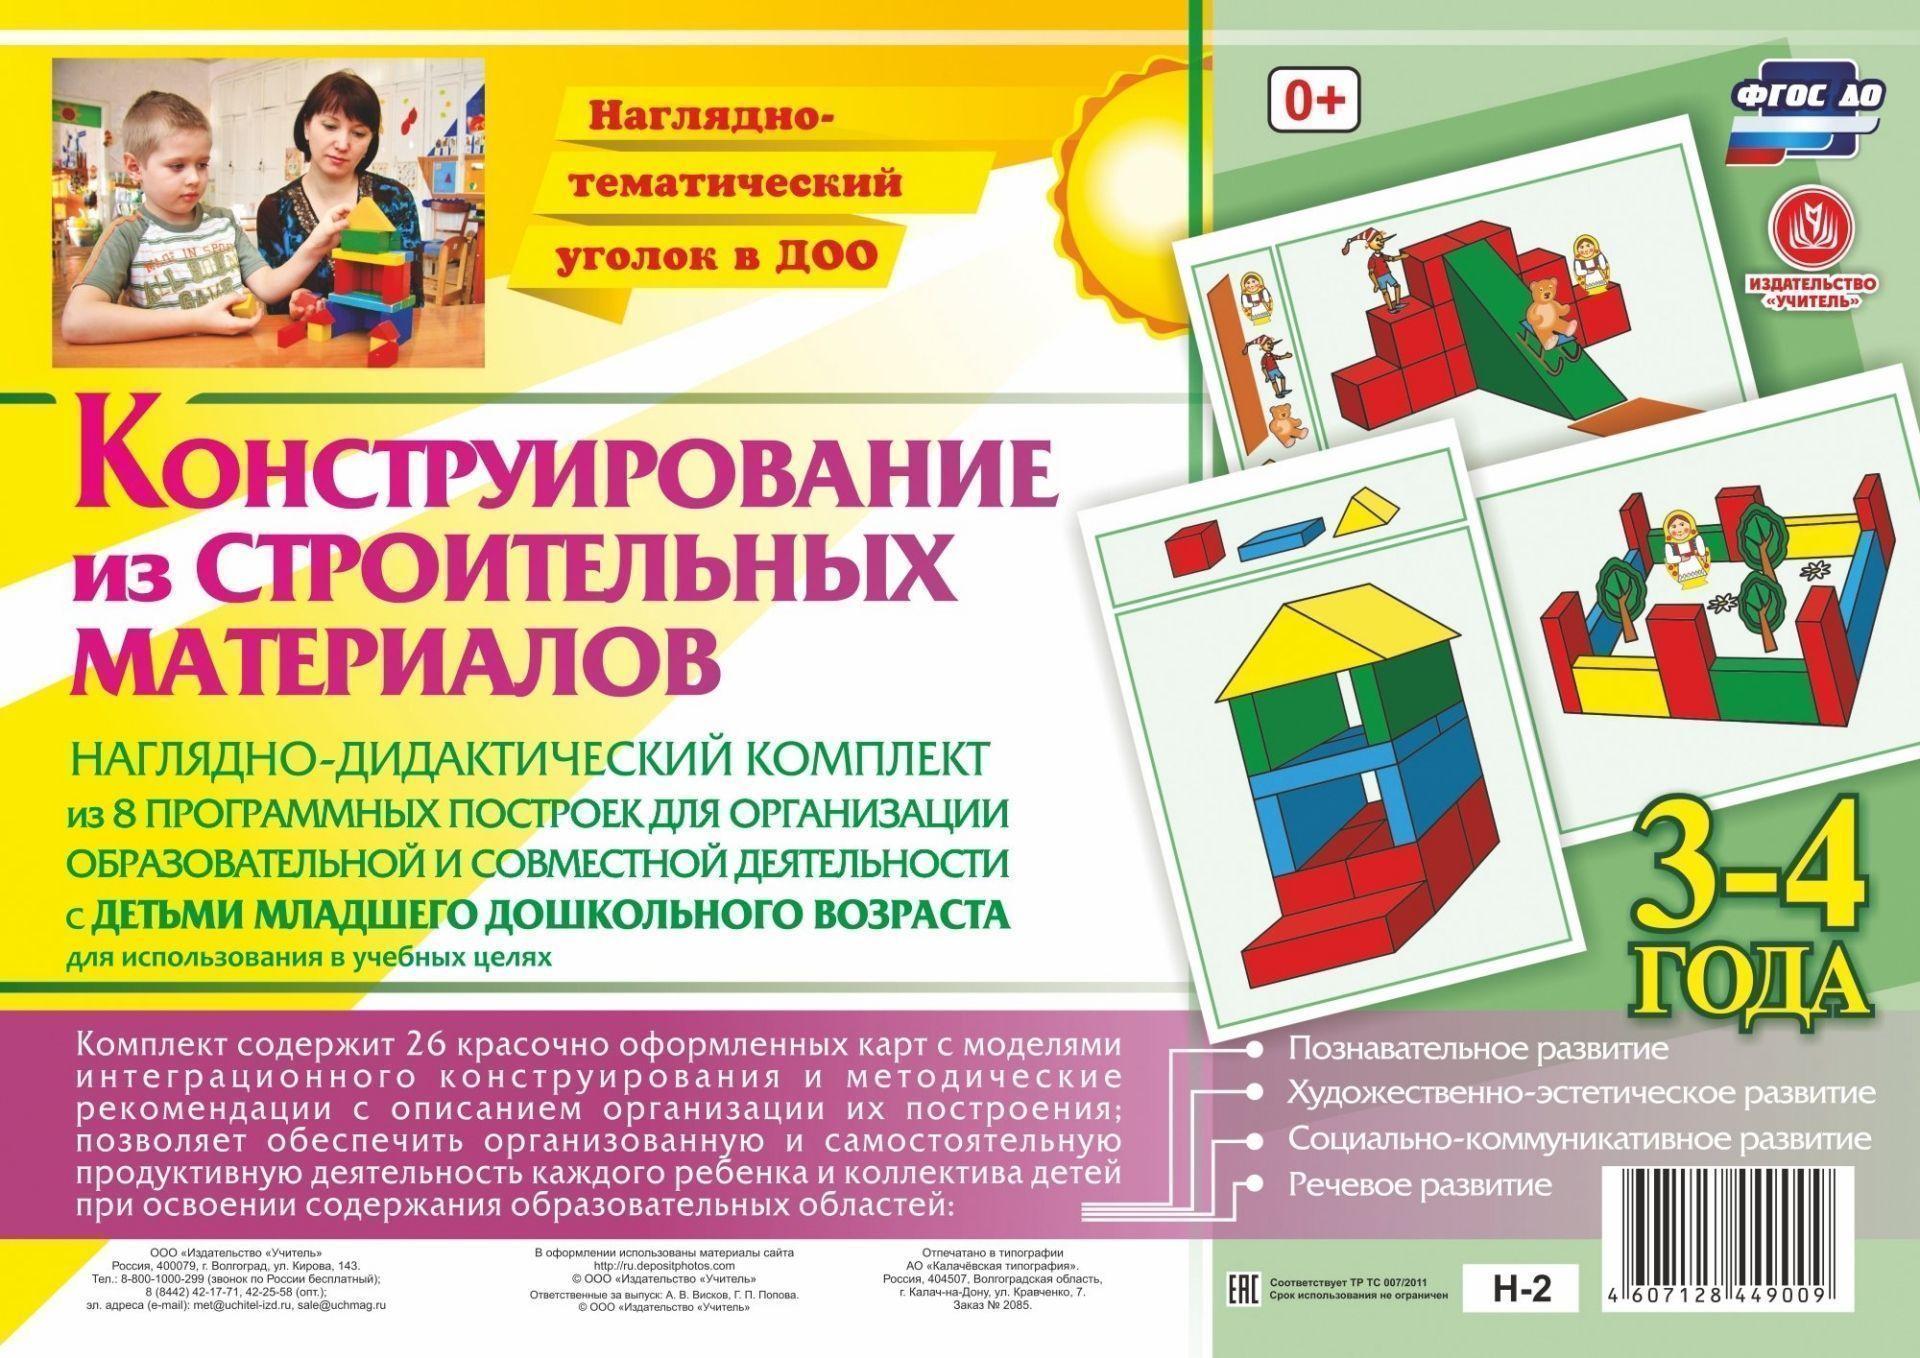 Наглядно-дидактический комплект. Конструирование. 26 цветных иллюстраций формата А4 на картоне. 3-4 годаВоспитателю ДОО<br>Предлагаемый наглядно-дидактический комплект Конструирование из строительных материалов включает в себя 26 красочно оформленных листов, позволяющих ребенку доступно и увлекательно в совместной деятельности со взрослым или самостоятельной игре осуществит...<br><br>Год: 2017<br>Серия: Наглядно-тематический уголок в ДОО<br>Высота: 297<br>Ширина: 210<br>Переплёт: набор